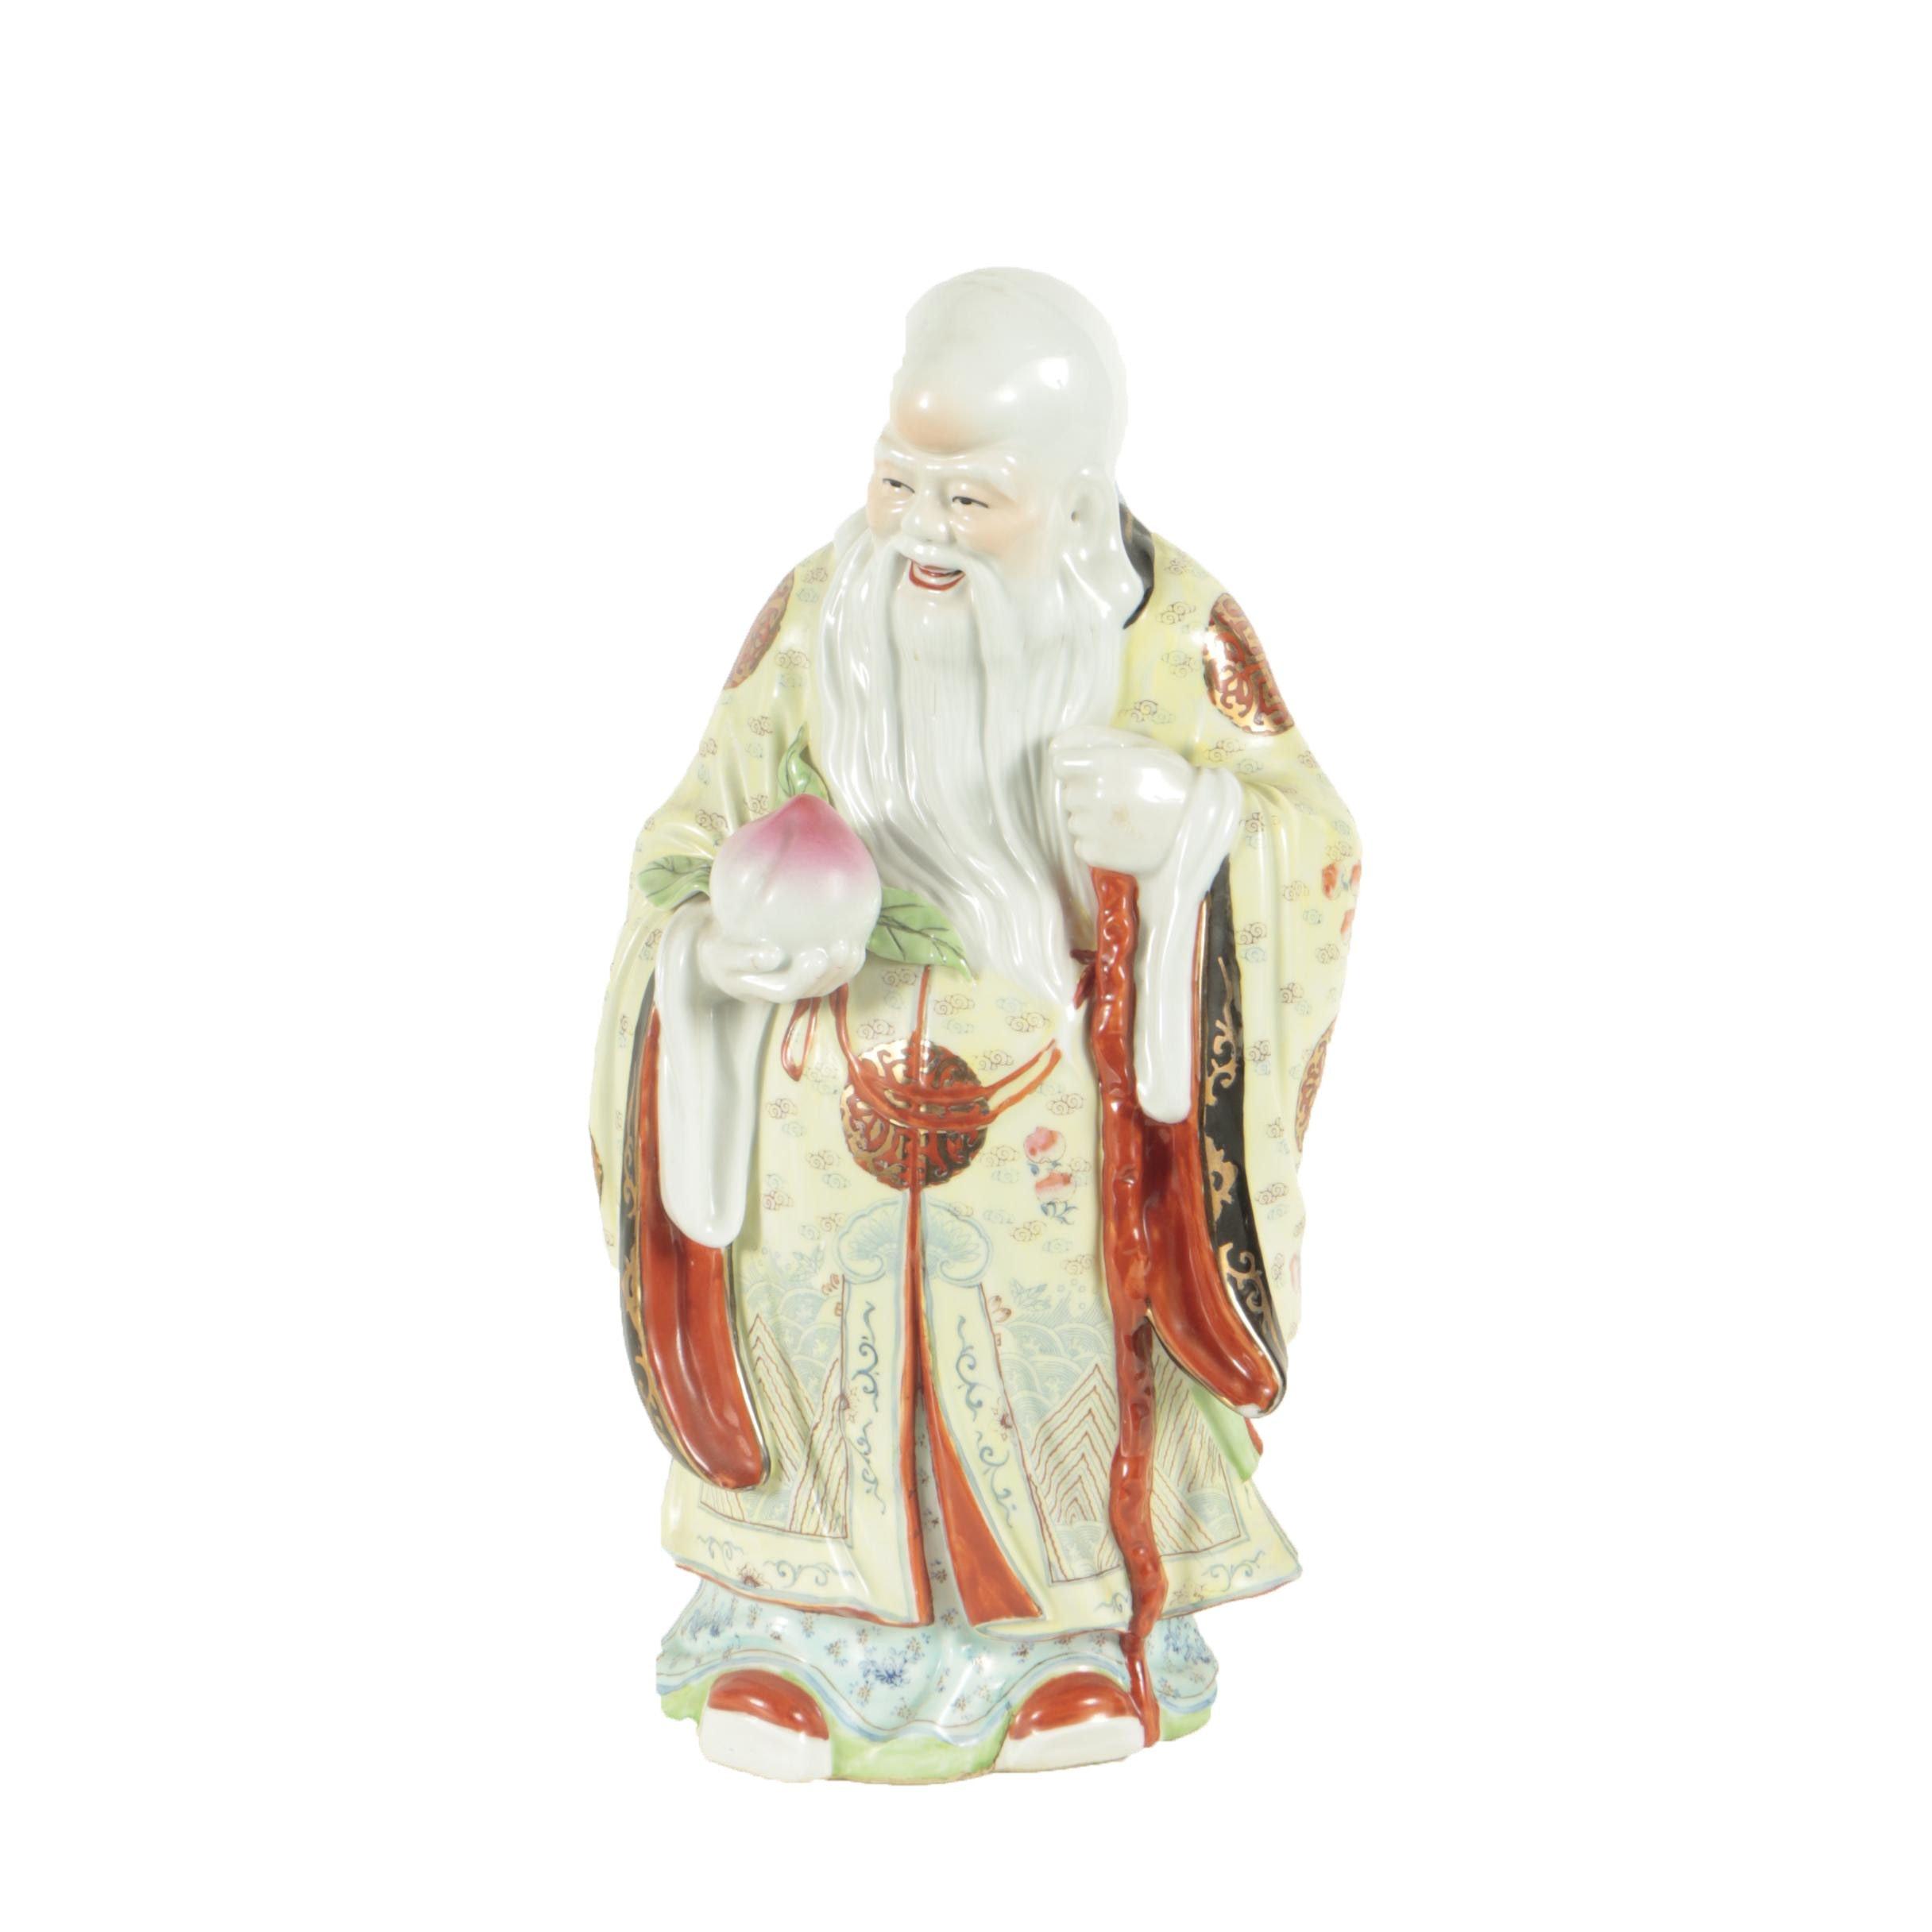 Chinese Porcelain God of Longevity Figure